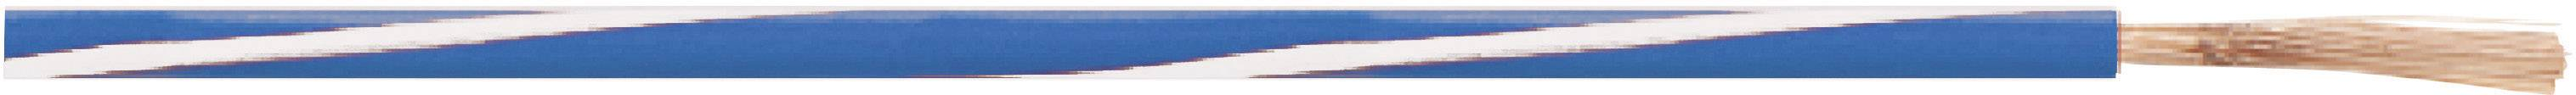 Opletenie / lanko LappKabel 4512382S X05V-K, 1 x 0.75 mm², vonkajší Ø 2.40 mm, metrový tovar, oranžová, čierna